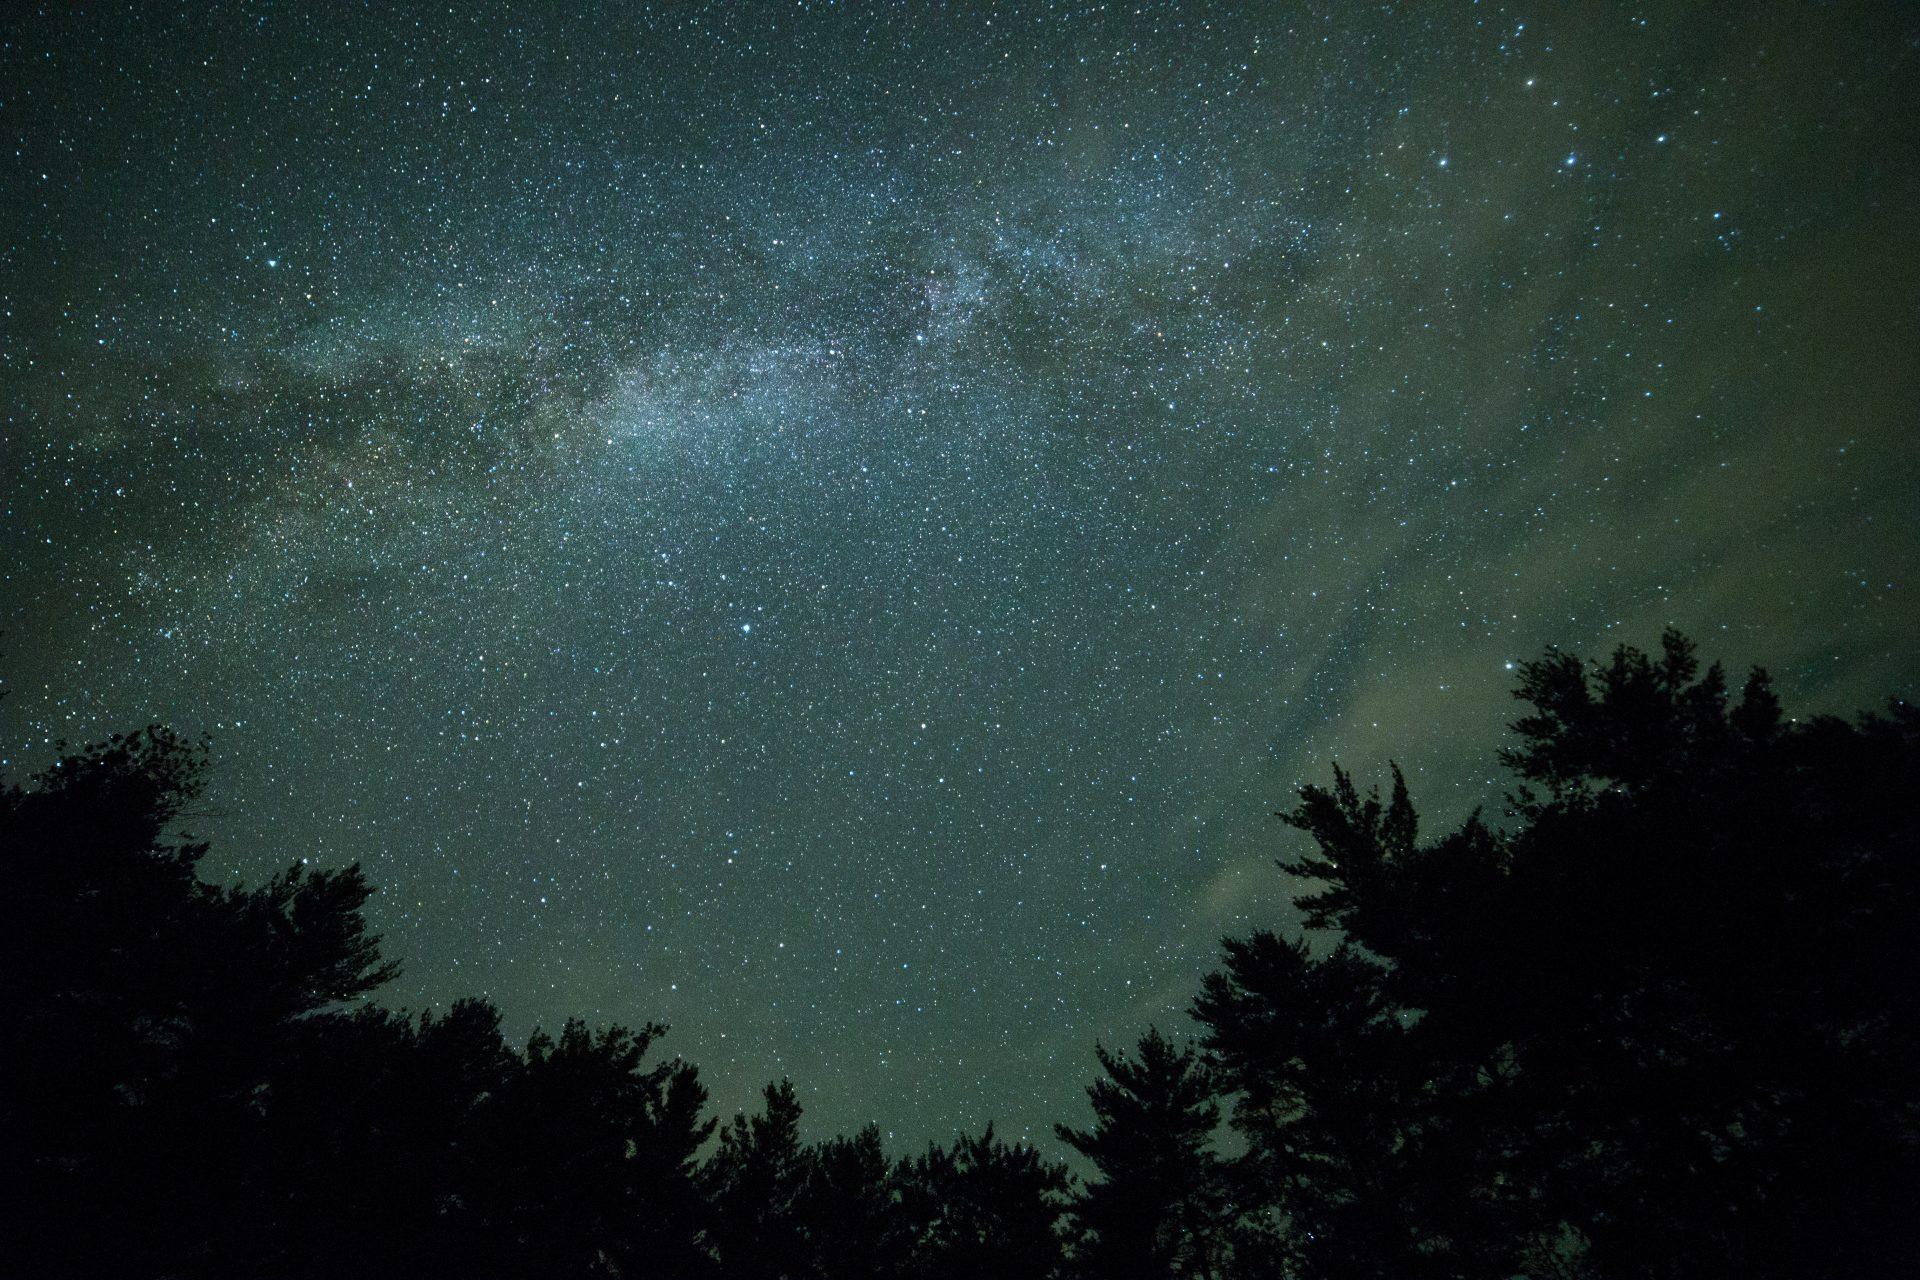 Stjernekig i lergraven